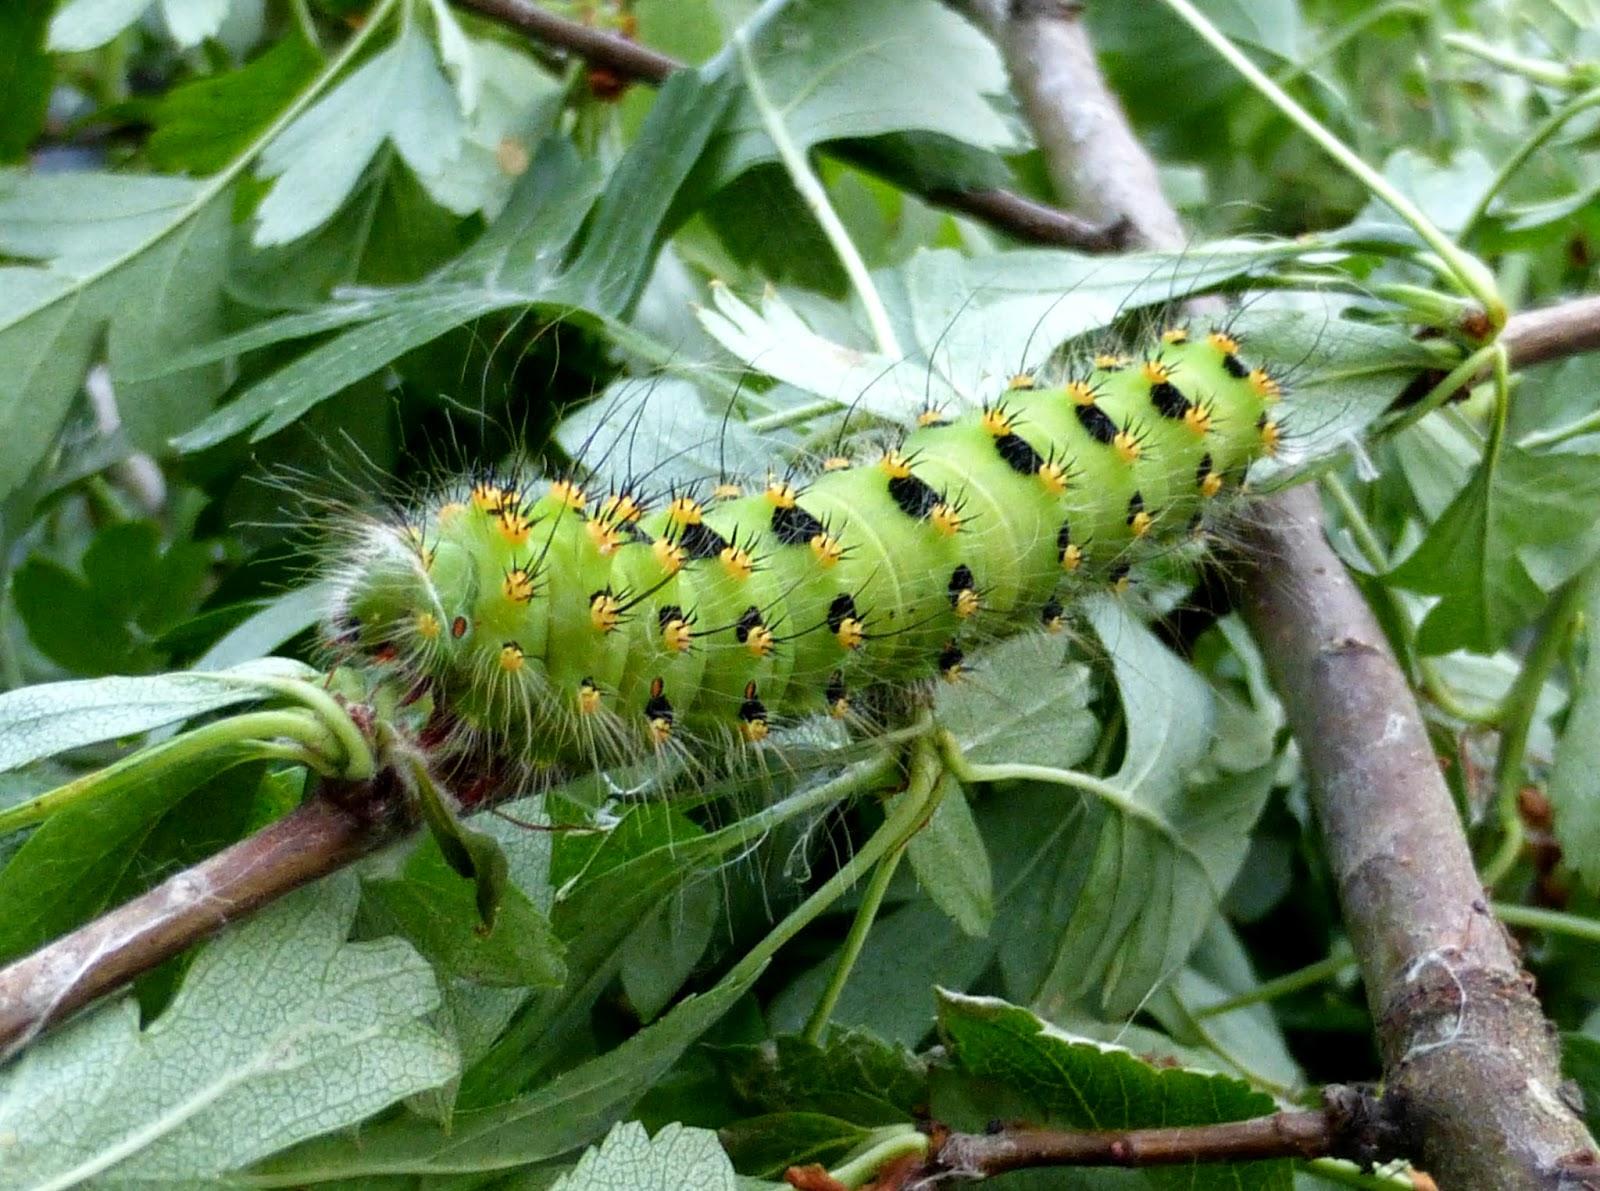 Saturnia pavoniella L5 caterpillar